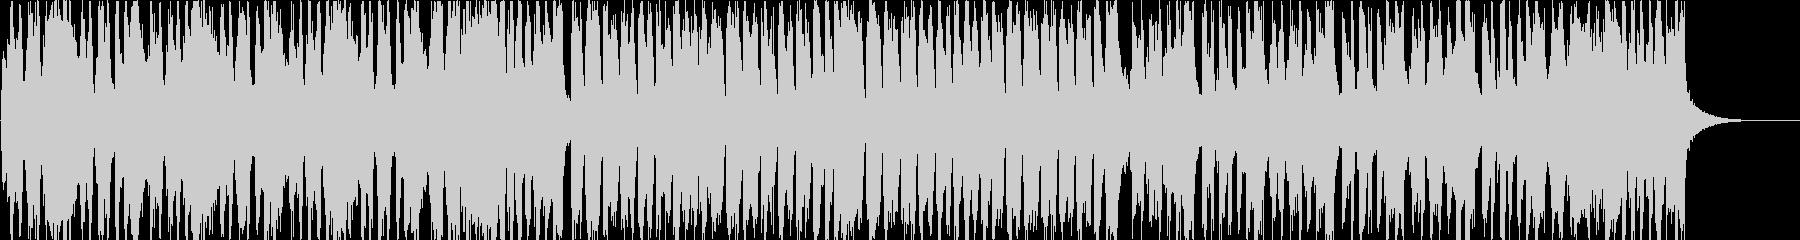 バイオリンで明るく軽快なマーチ風BGMの未再生の波形